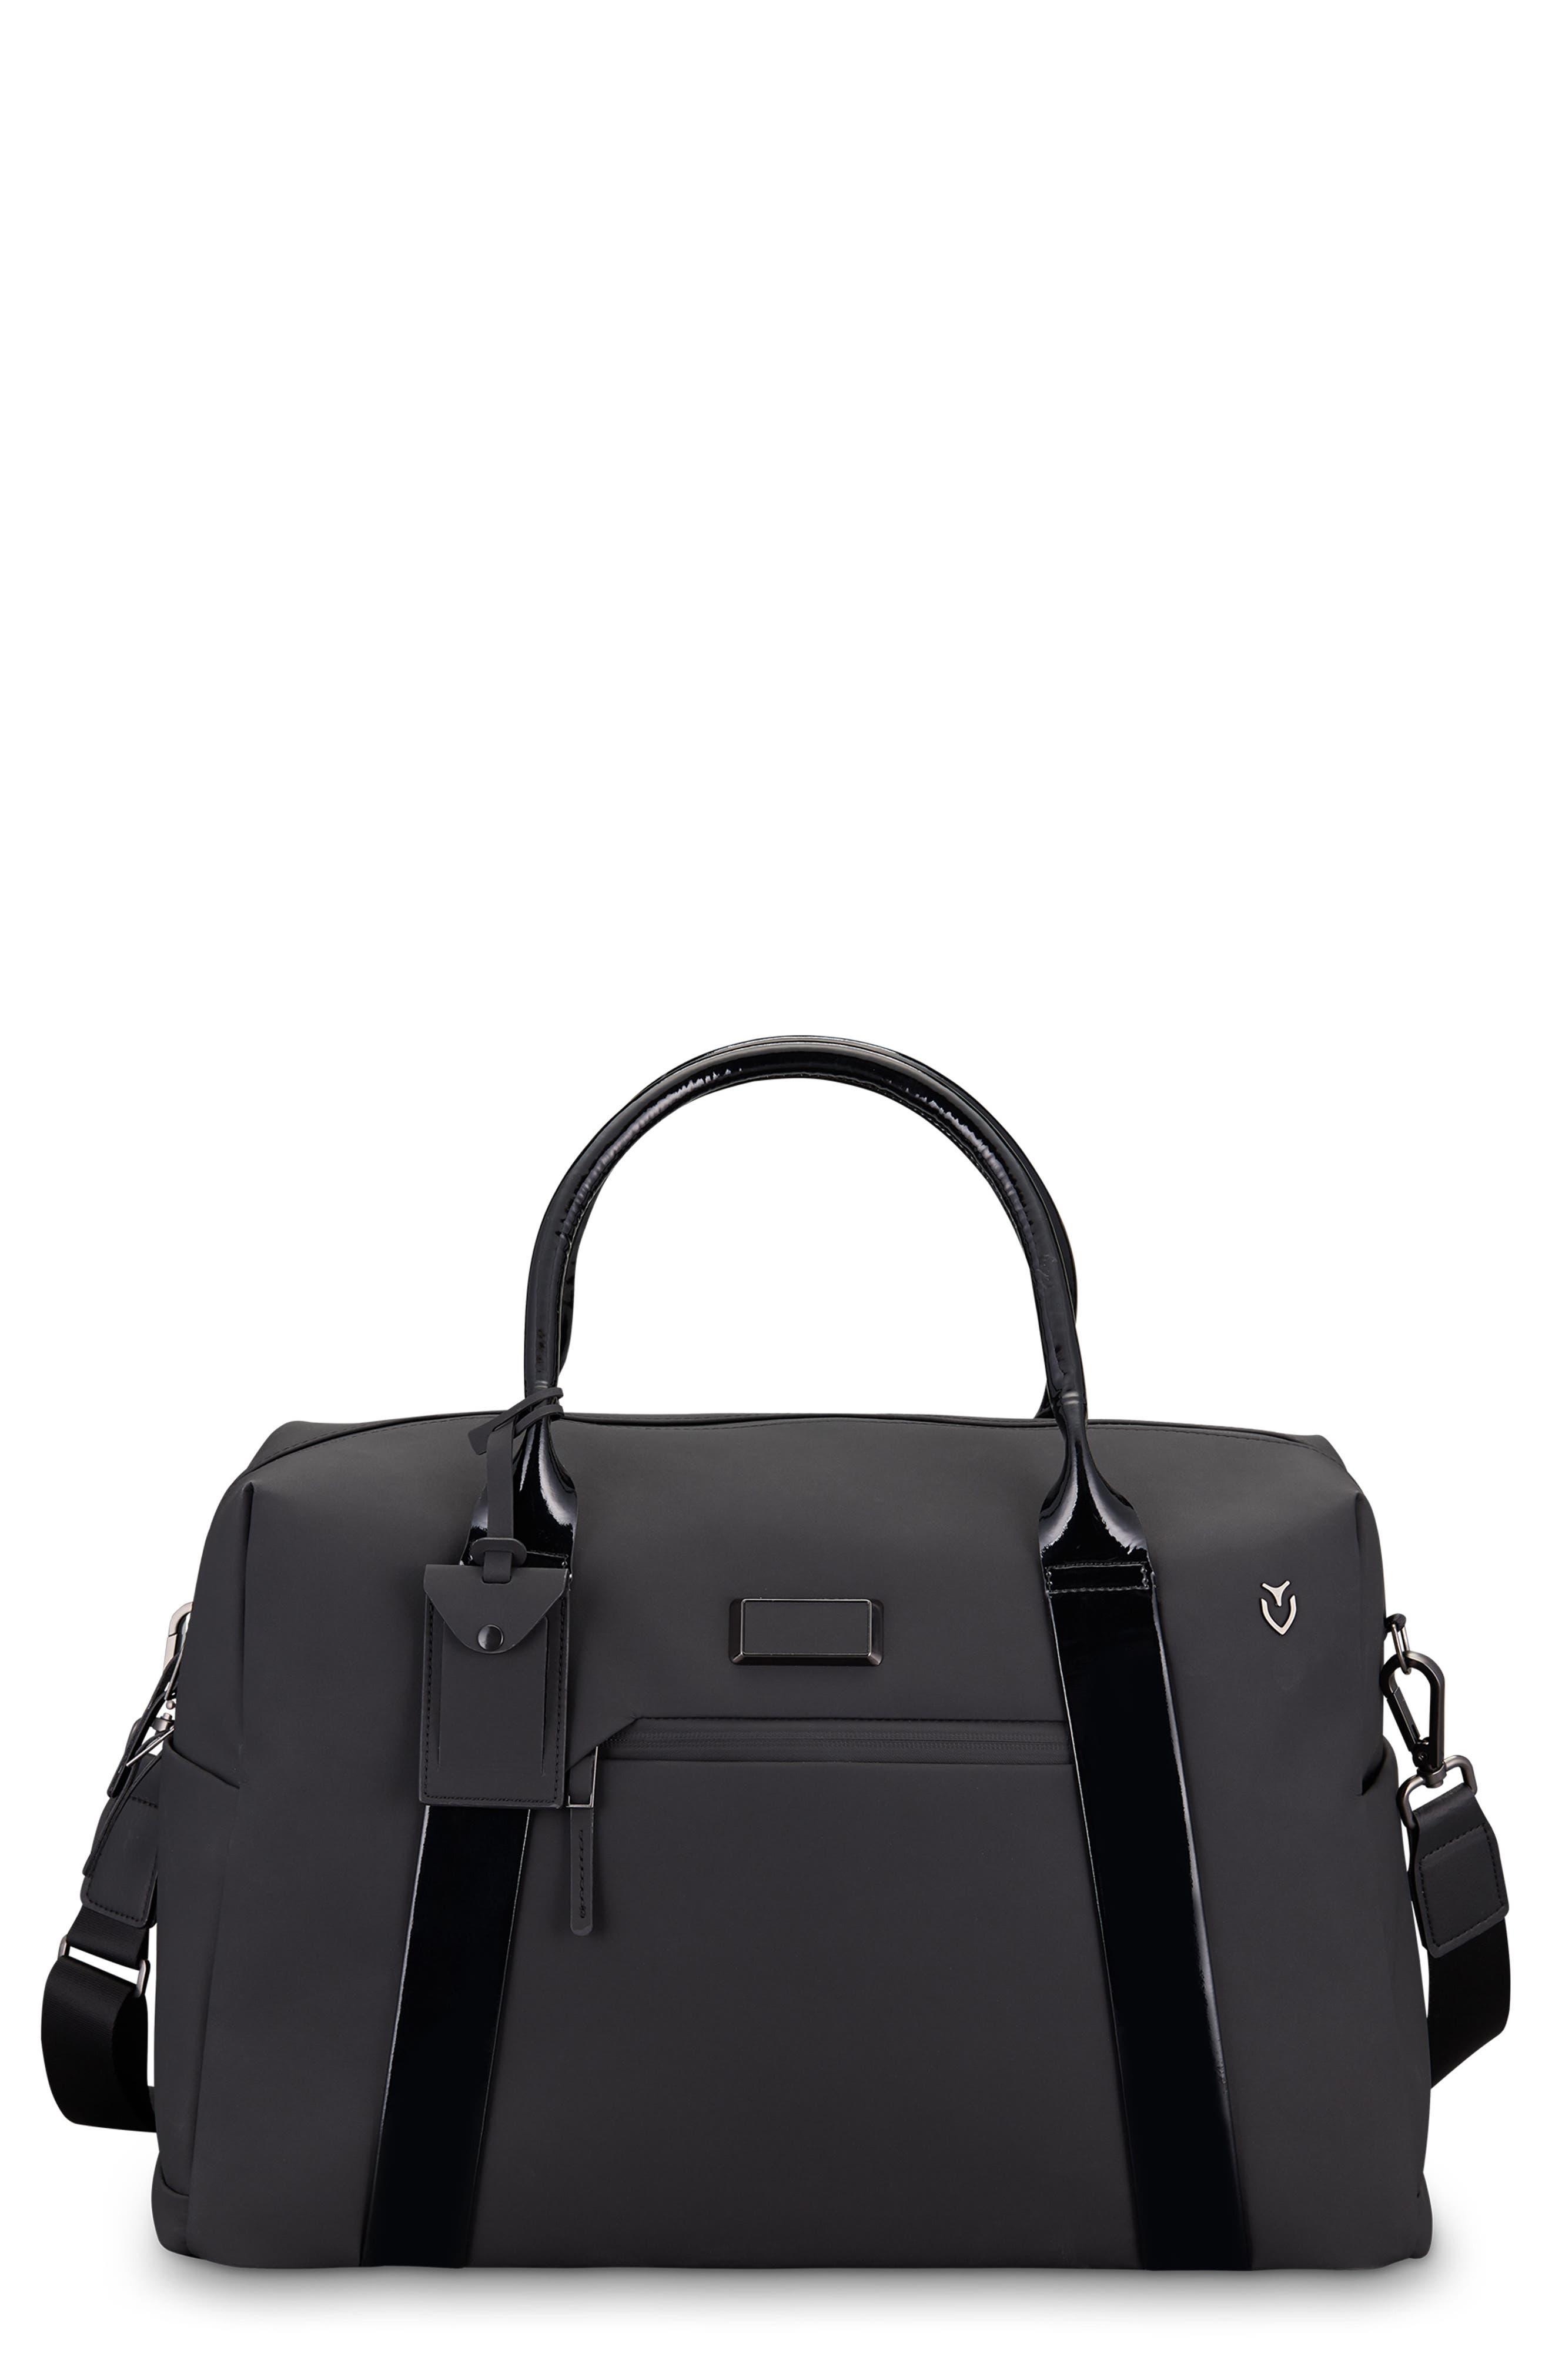 Signature 2.0 Faux Leather Duffel Bag,                             Main thumbnail 1, color,                             MATTE/ PATENT BLACK